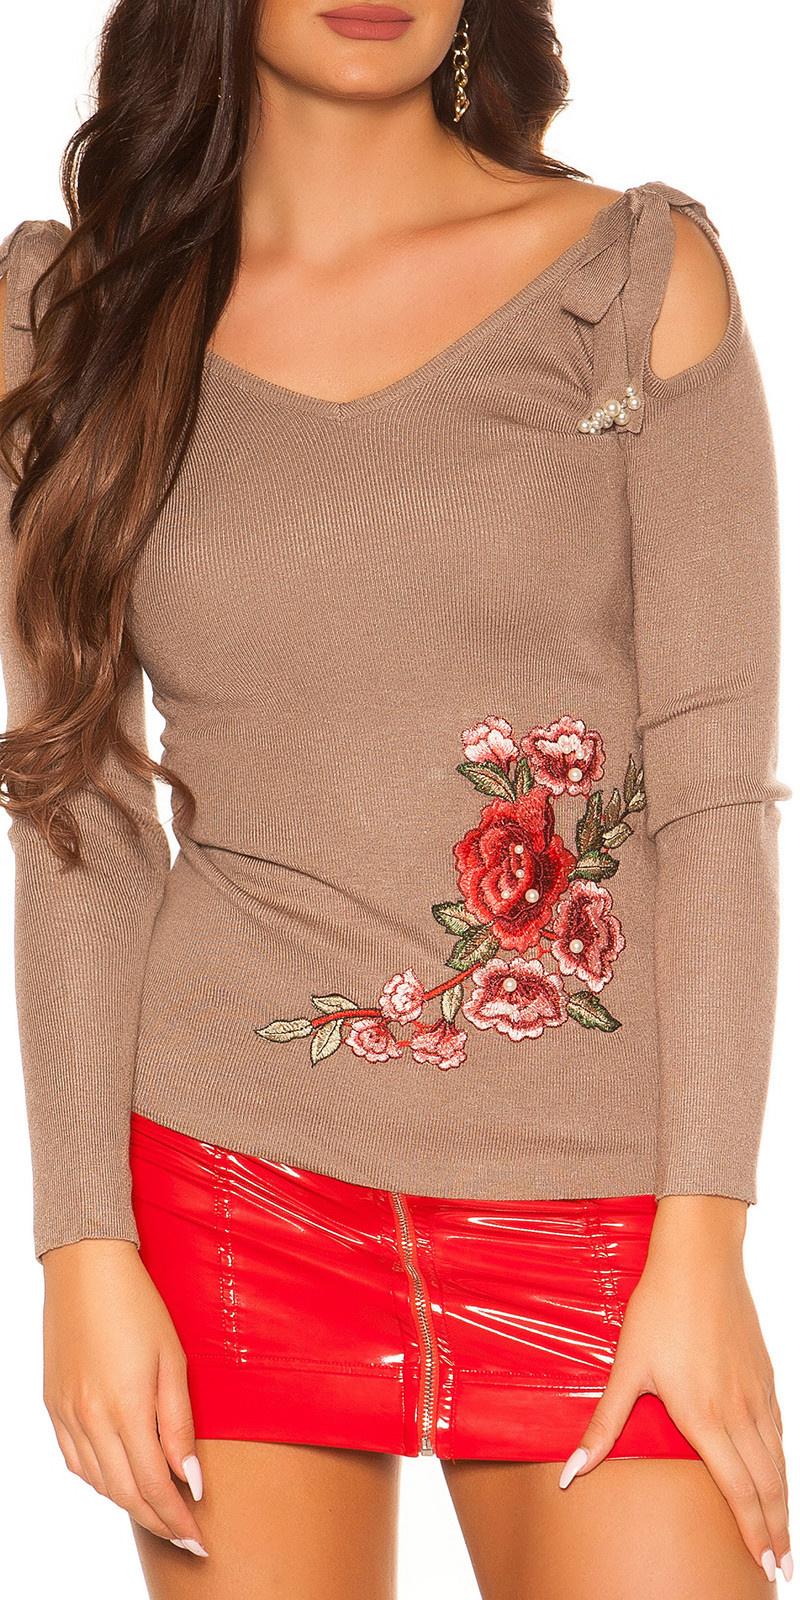 Trendy blote schouder sweater-trui met borduurwerk cappuccino